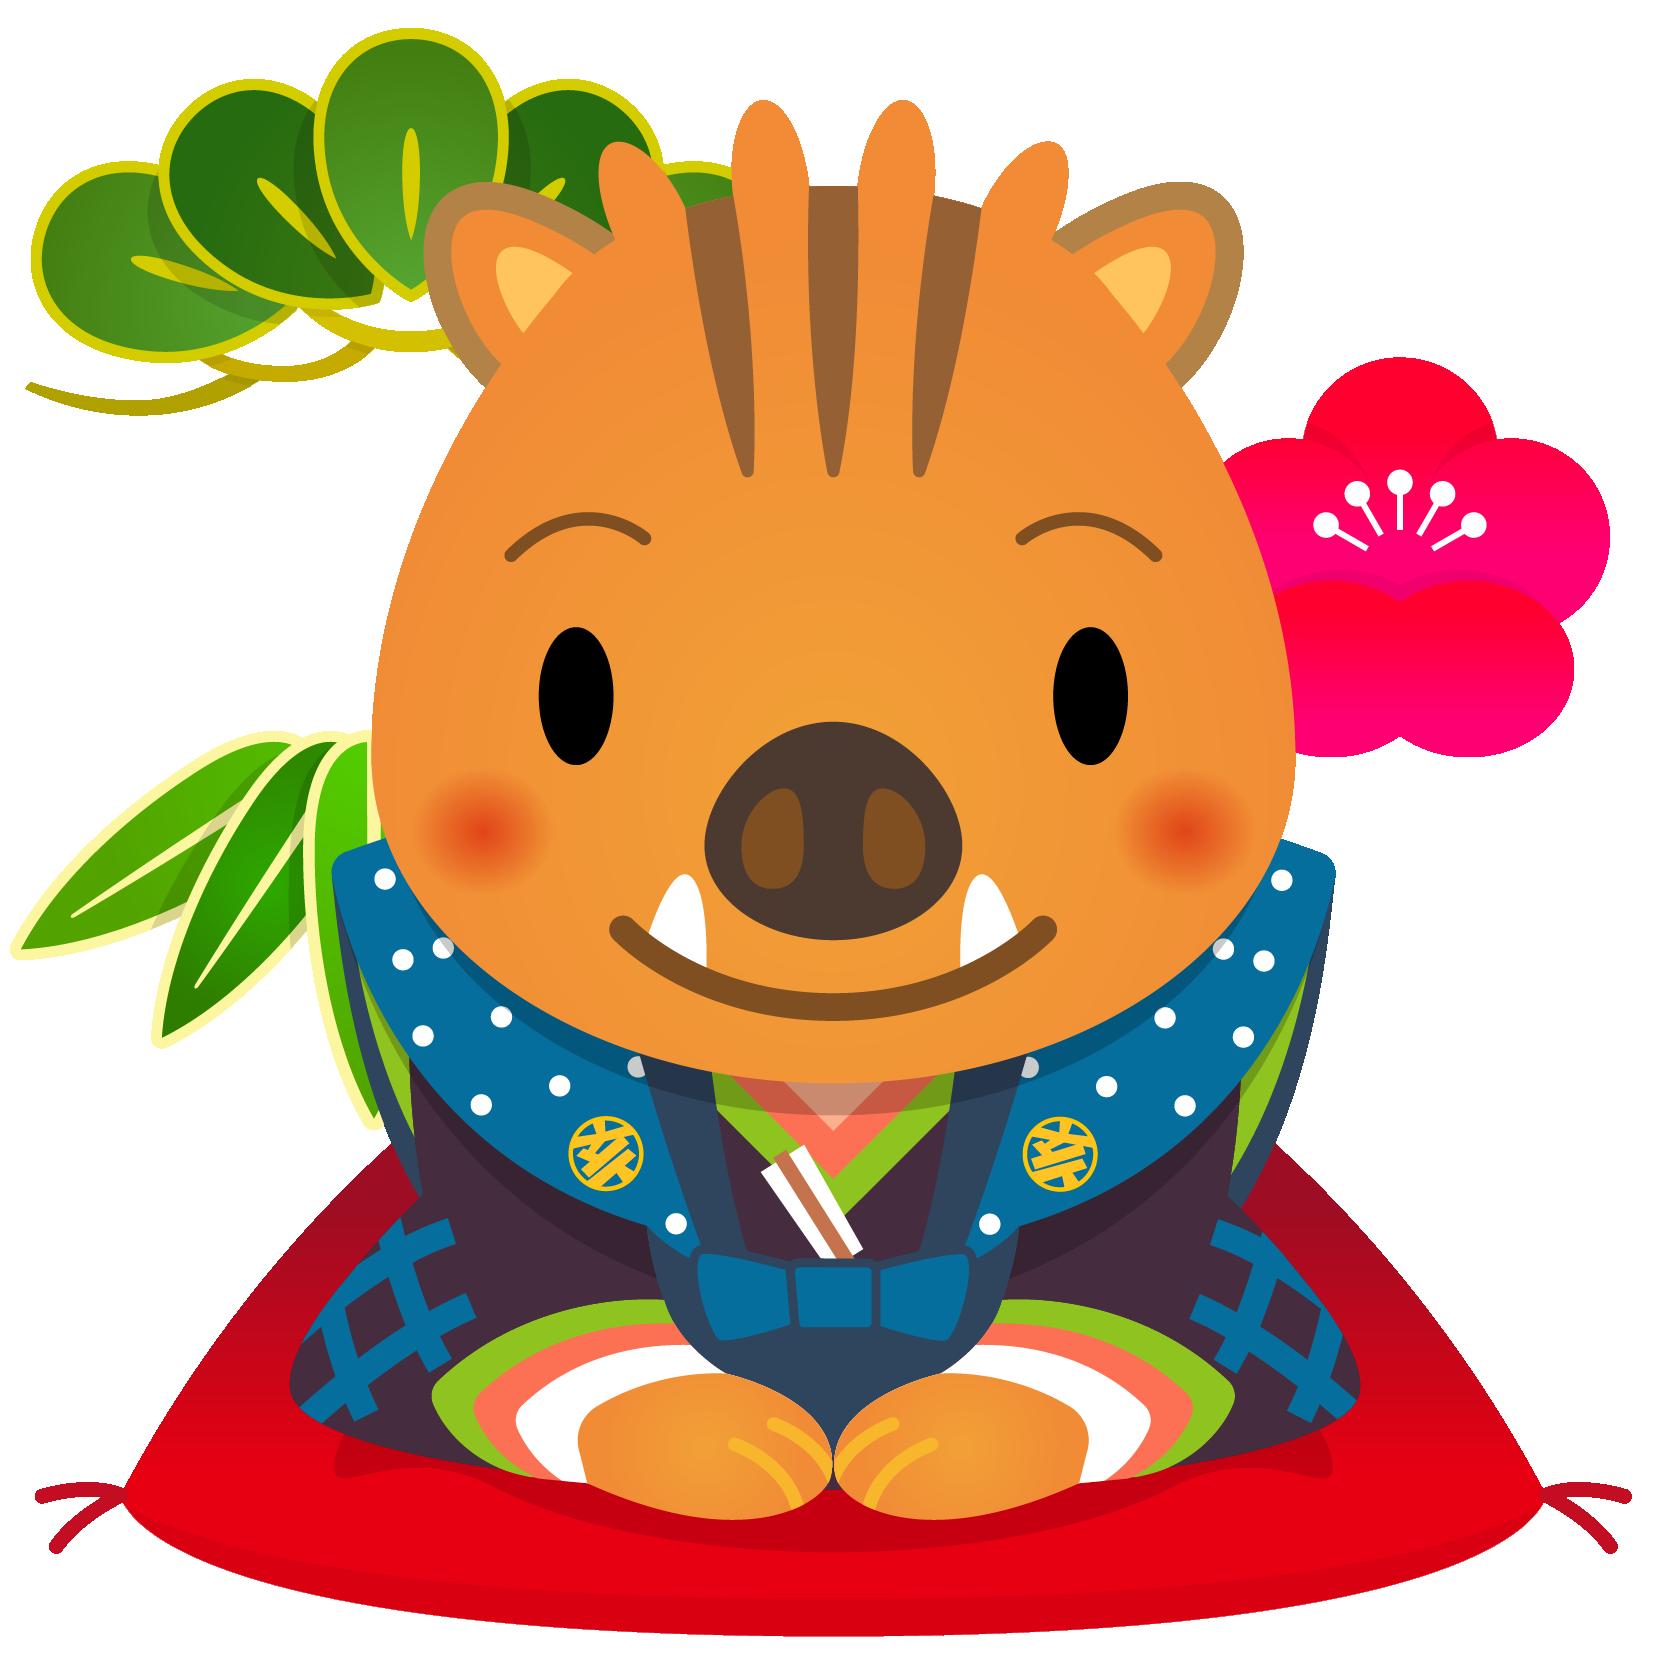 商用フリー・無料イラスト_干支_干支いのしし(イノシシ・猪・うりぼう・ウリ坊)福助_松竹梅